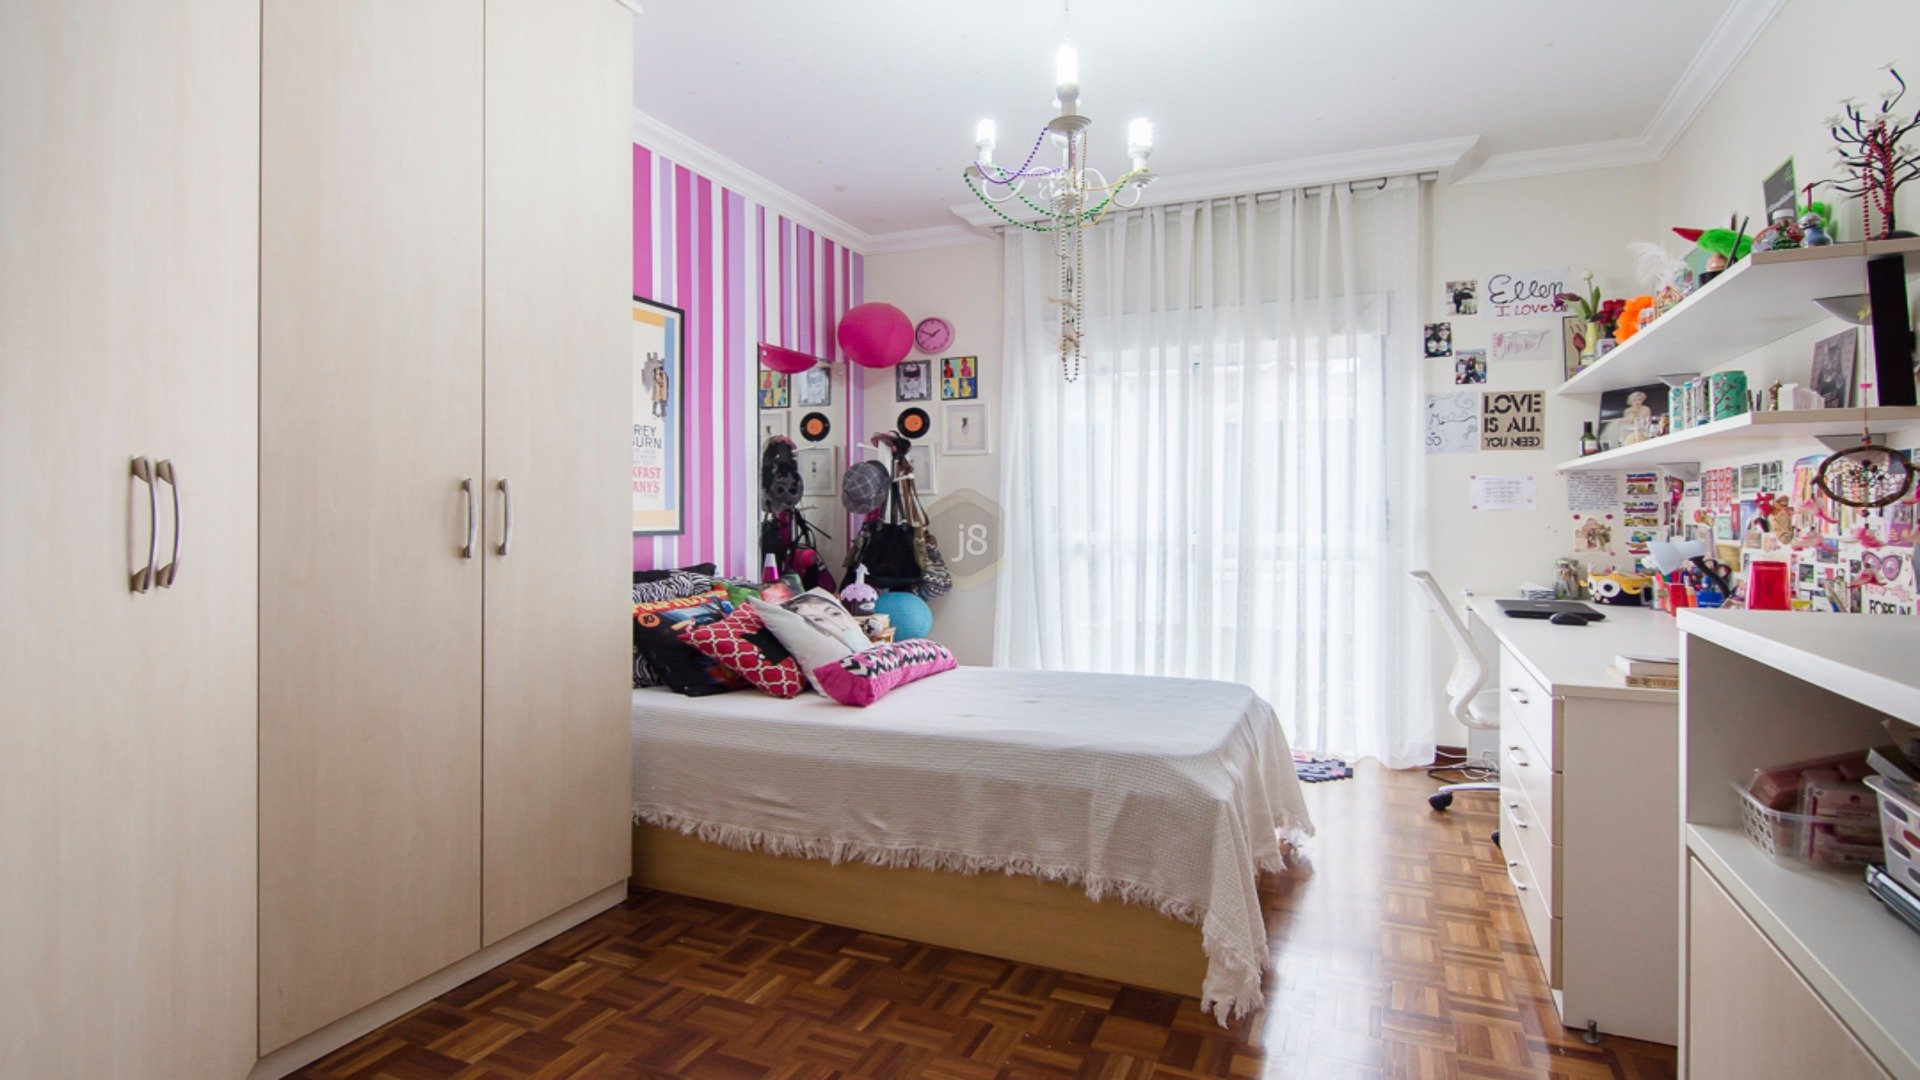 Casa Em Condominio de 4 dormitórios à venda em São Braz, Curitiba - PR